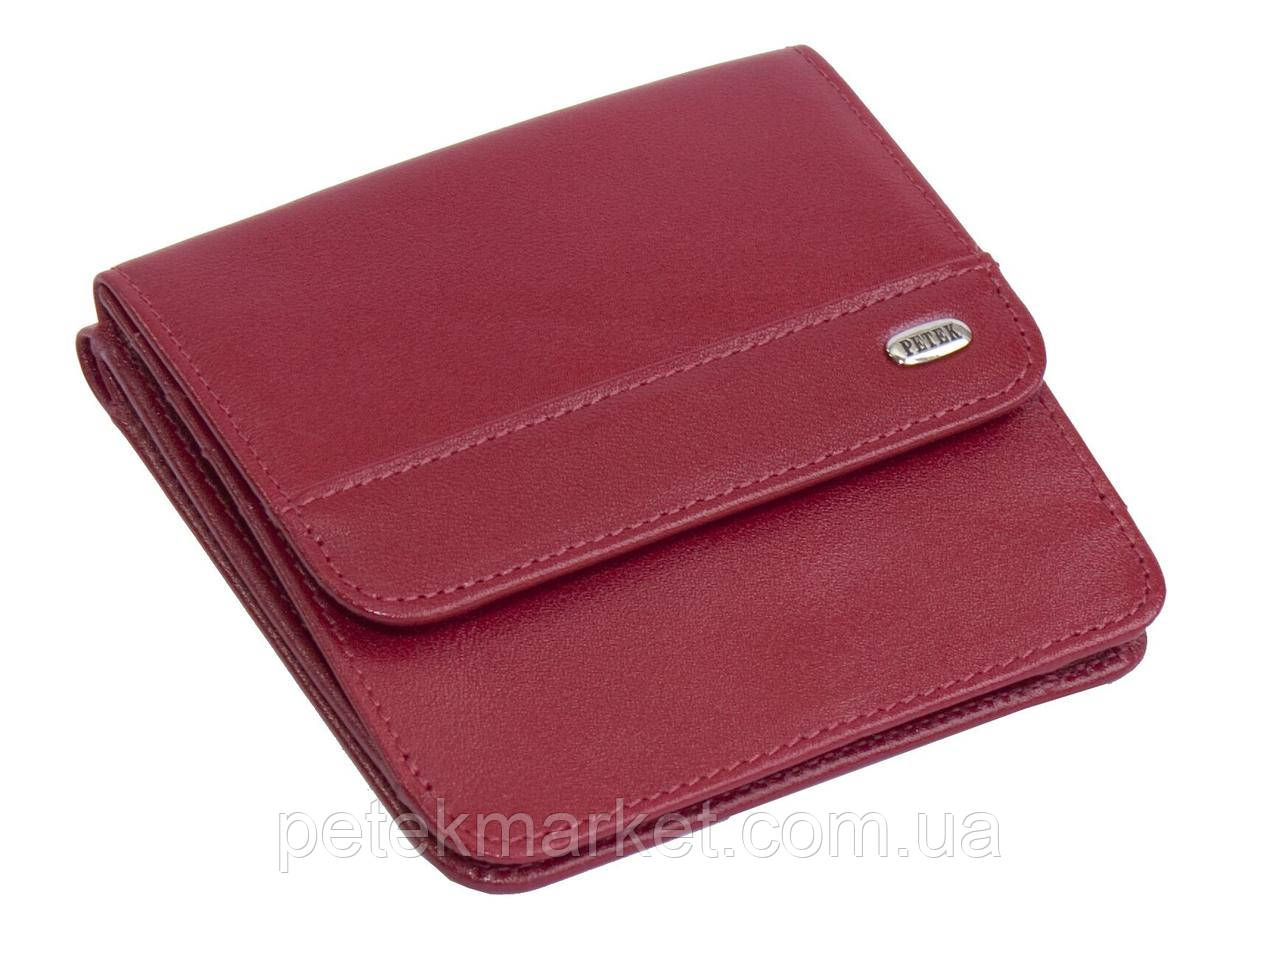 Кожаный женский кошелек Petek 355